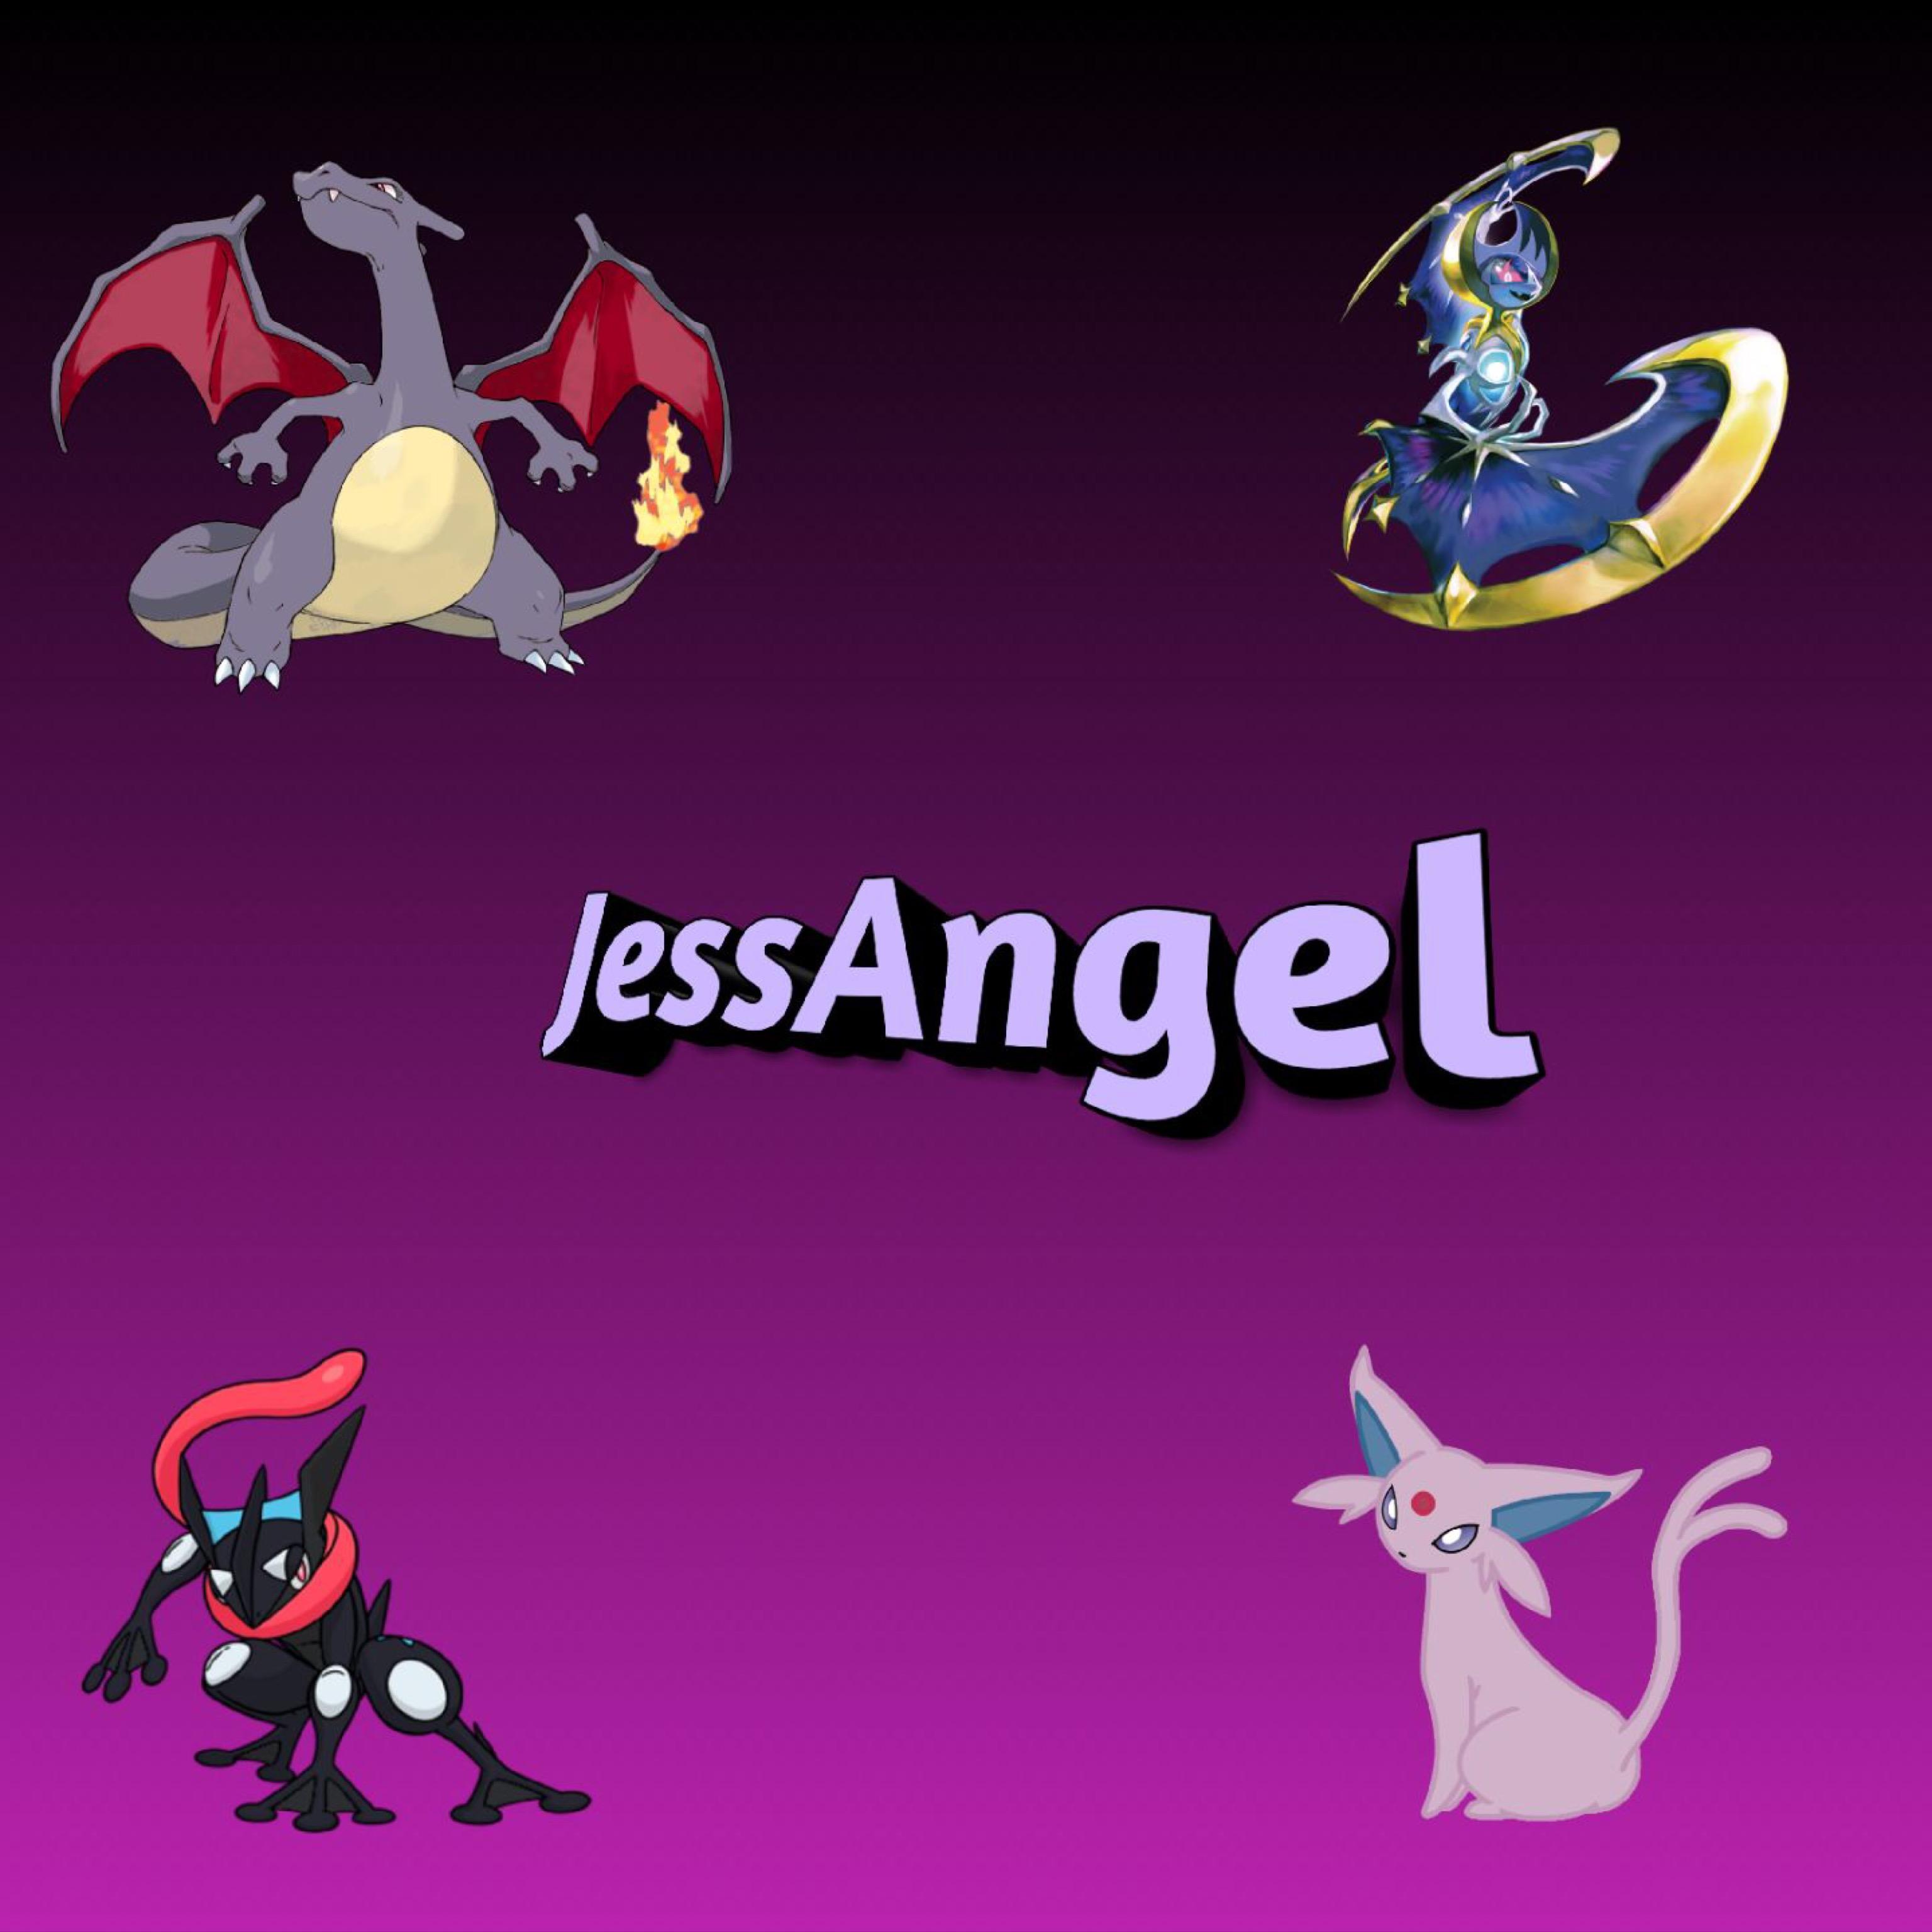 Jessica Laroche